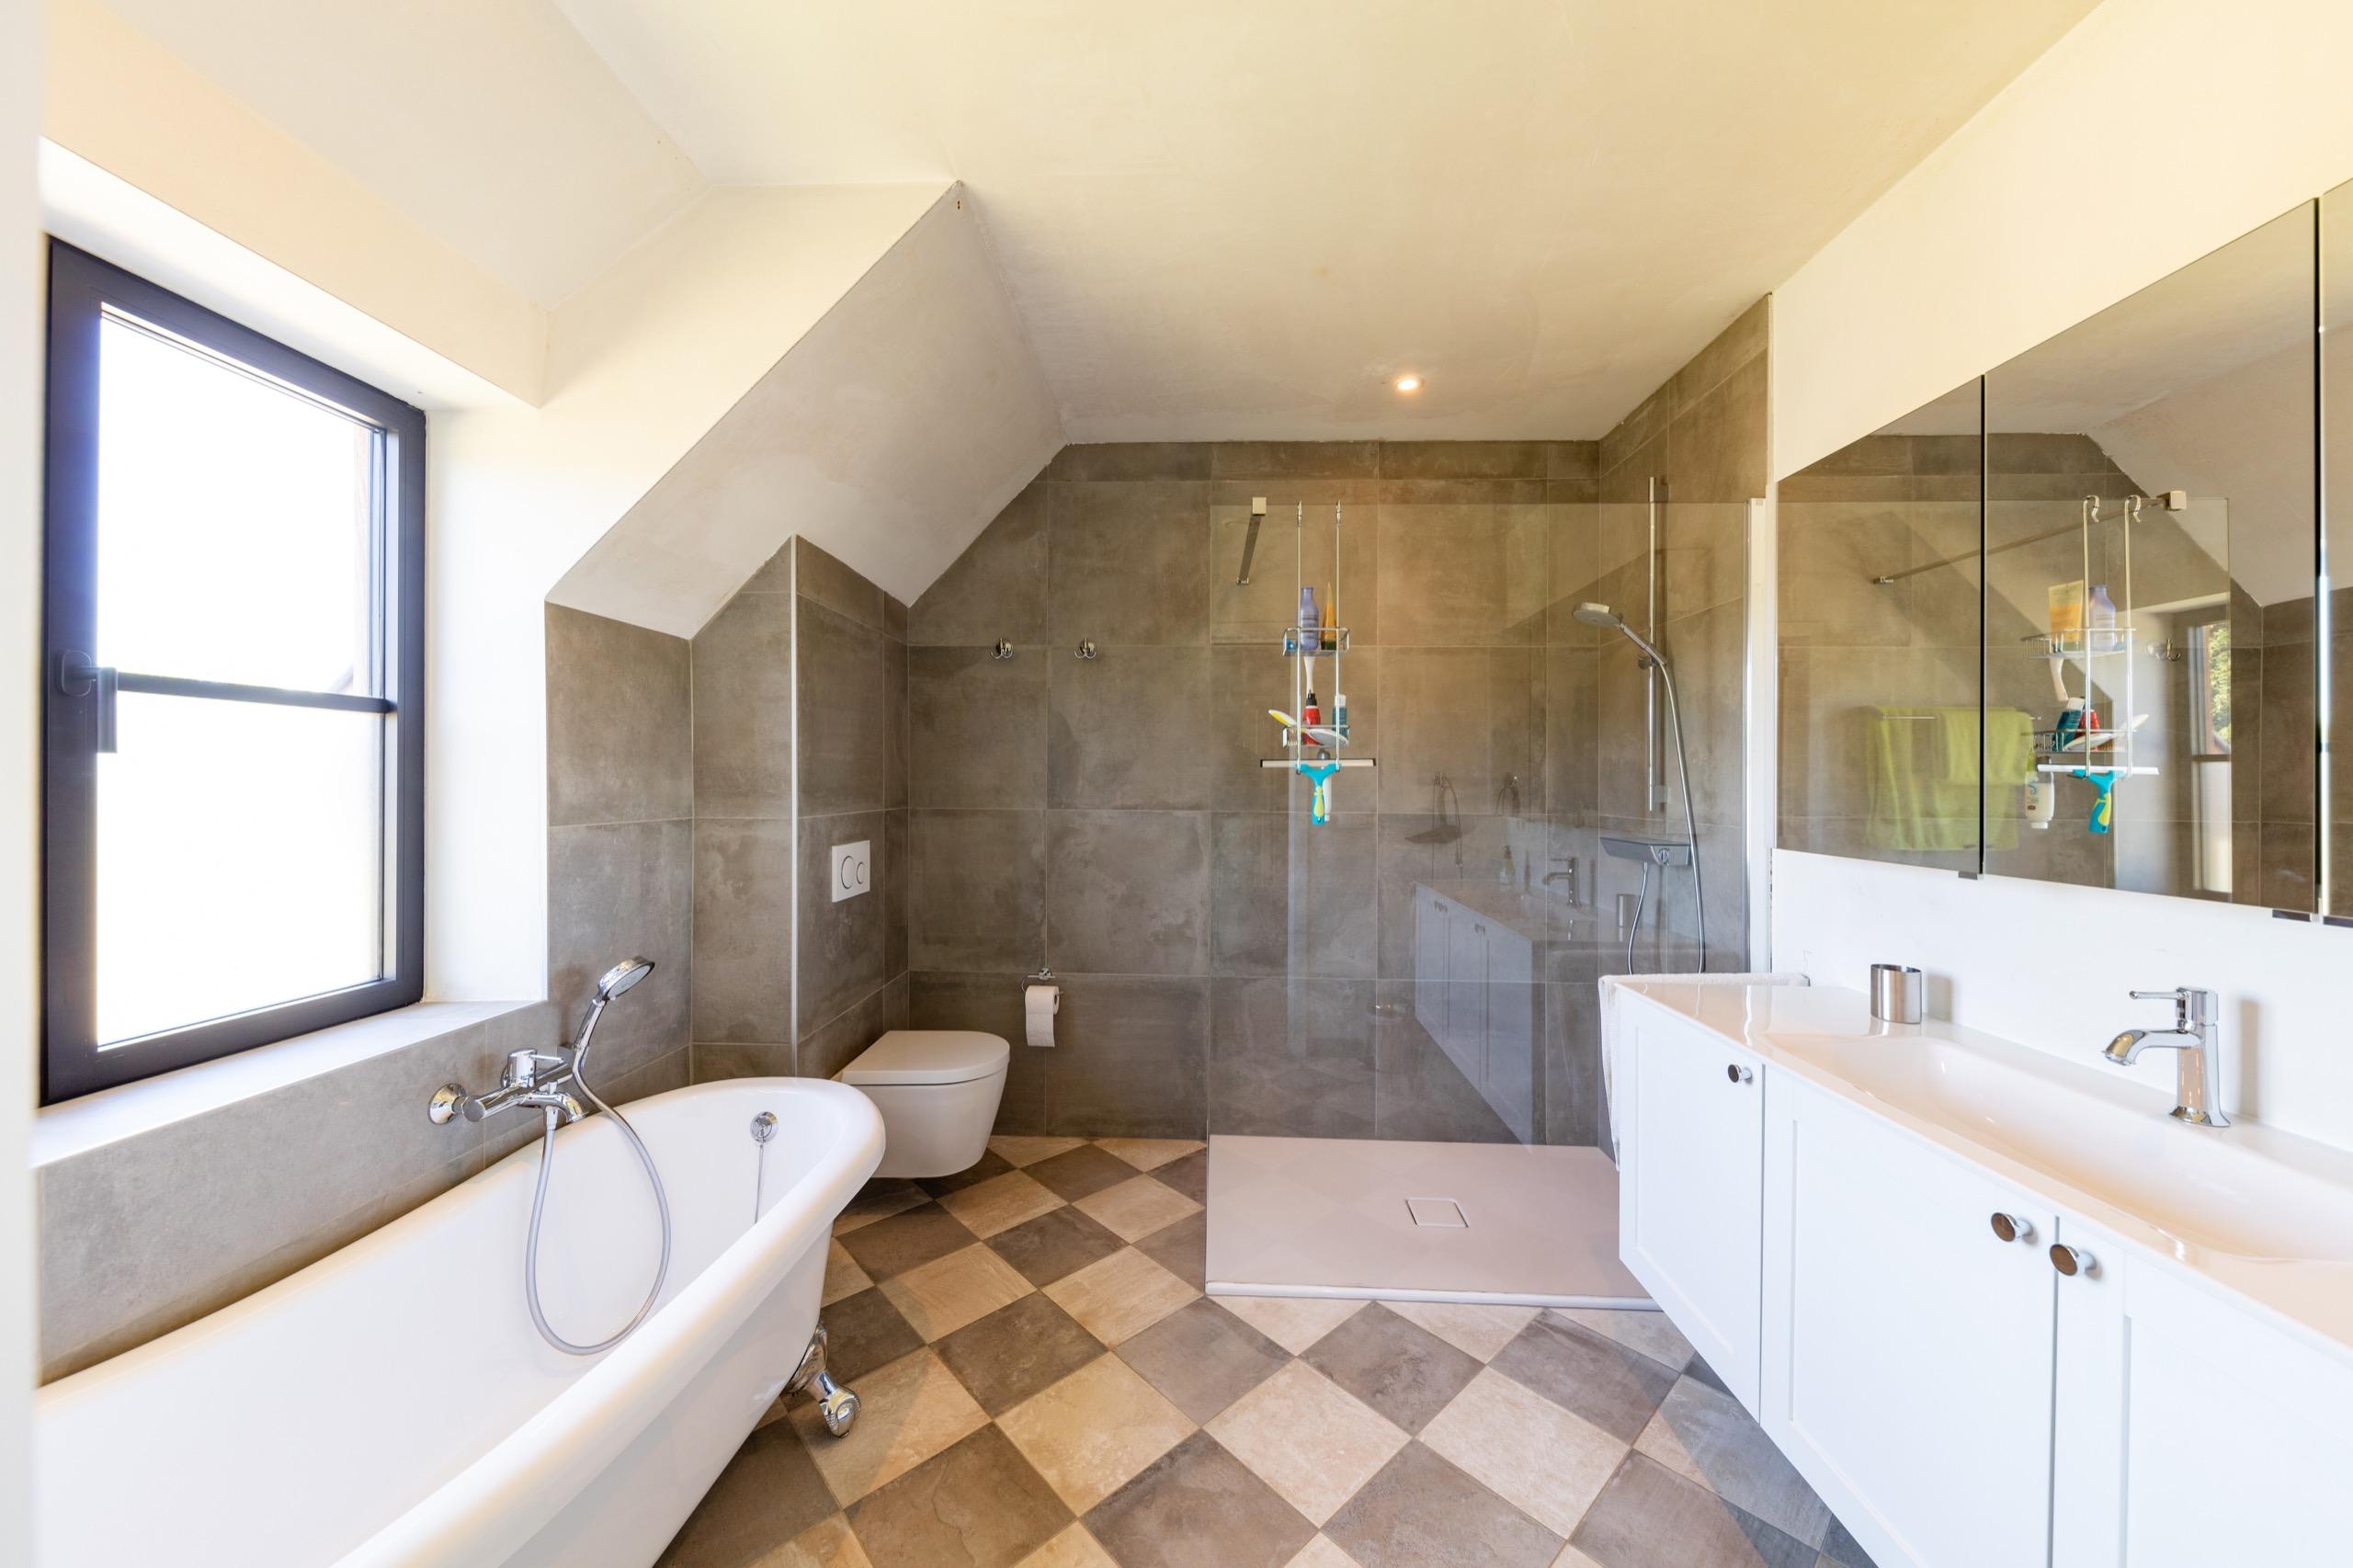 Badkamer met landelijke elementen in Lennik